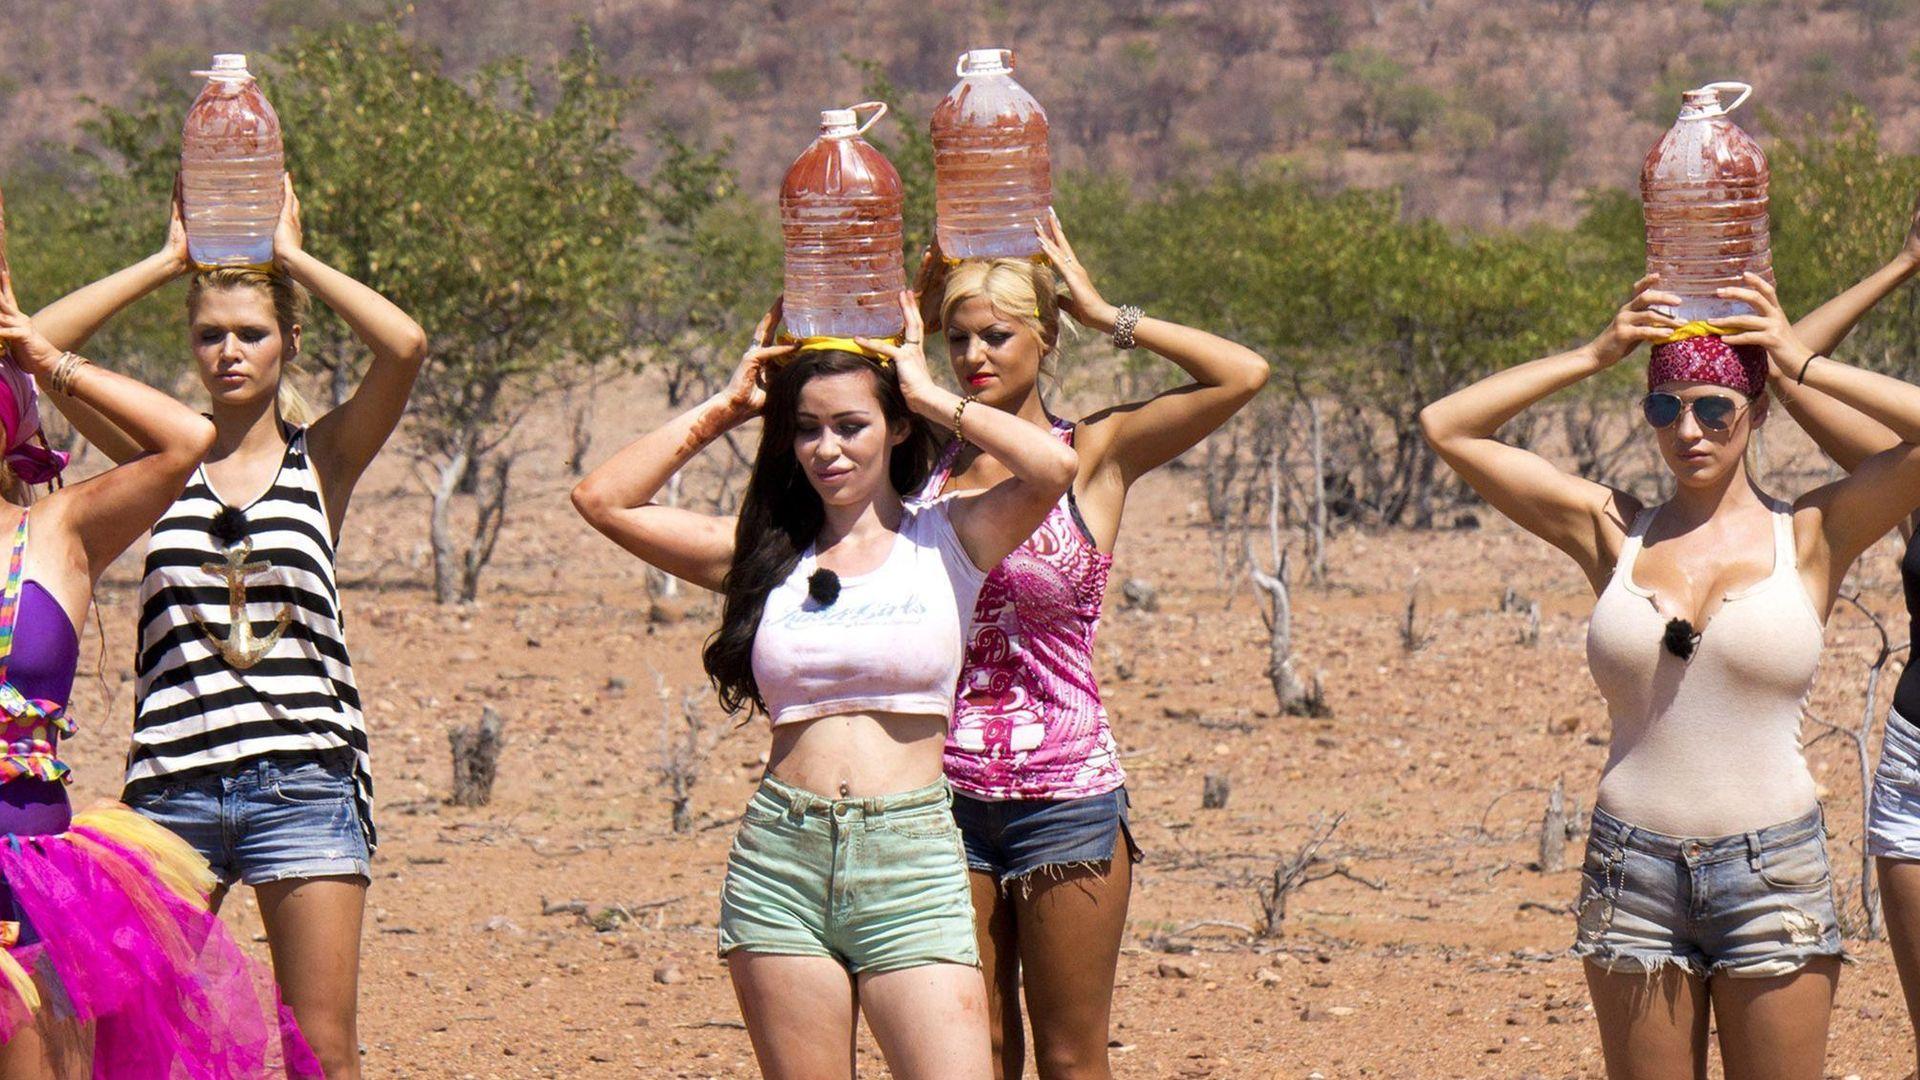 Zum Abschalten QuotenFlop Wild Girls im Sinkflug